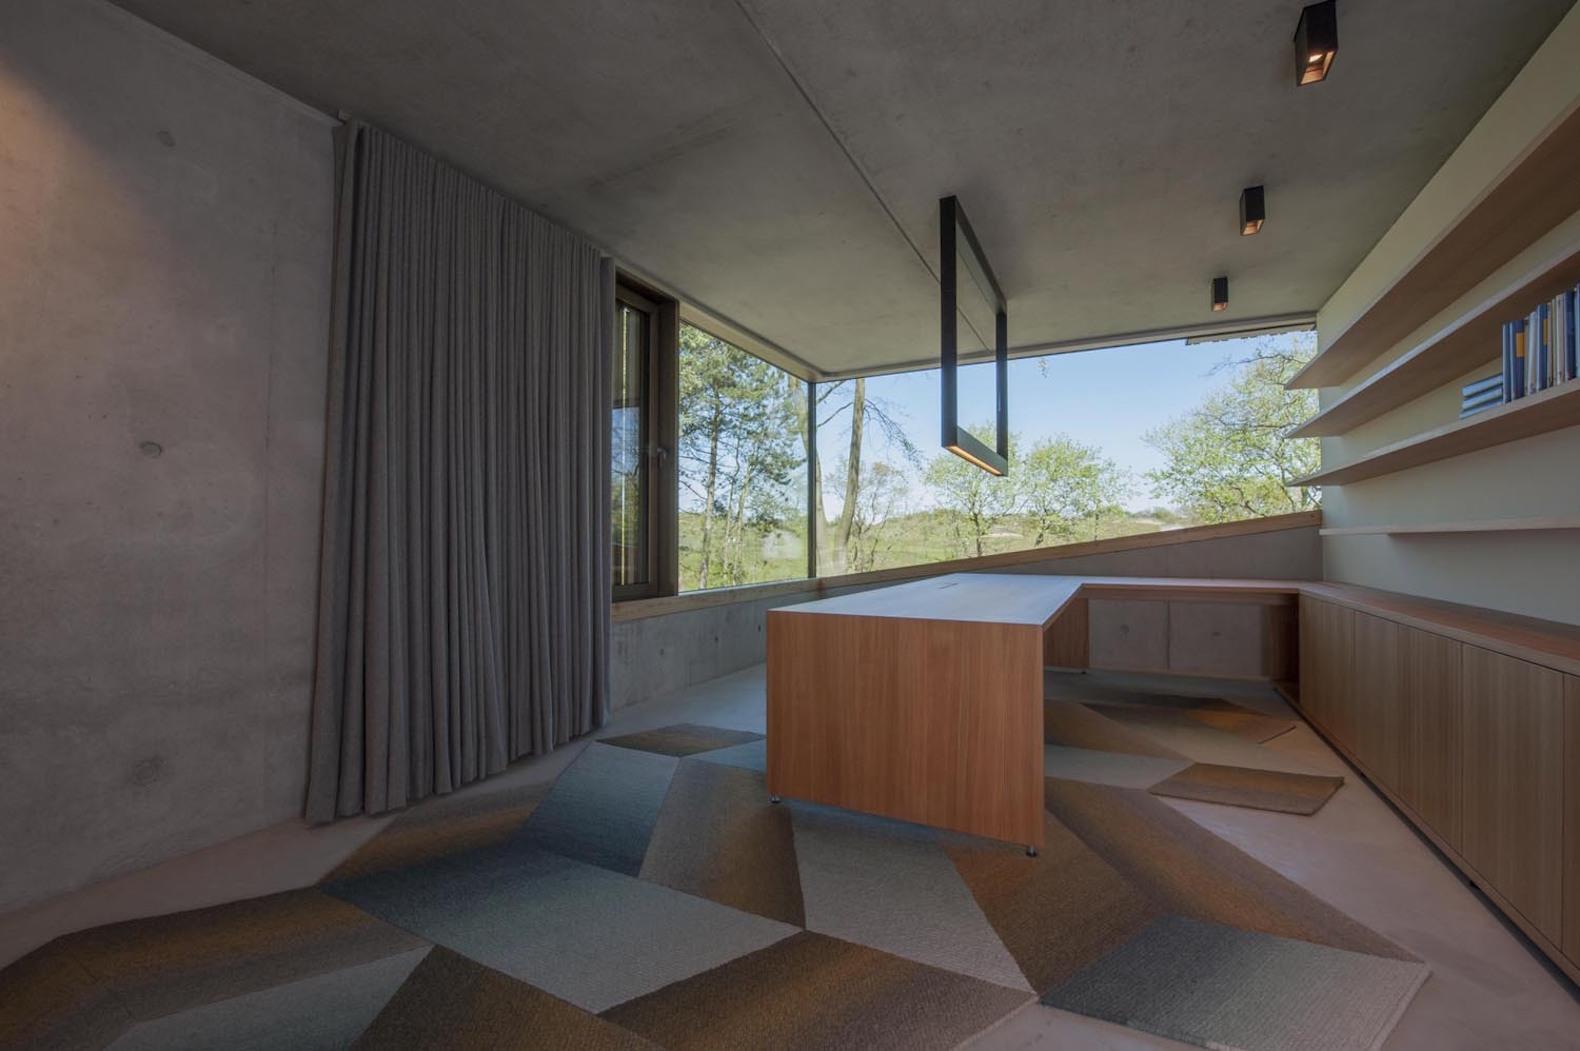 villa-meijendel-by-vvkh-architecten-3.jpg